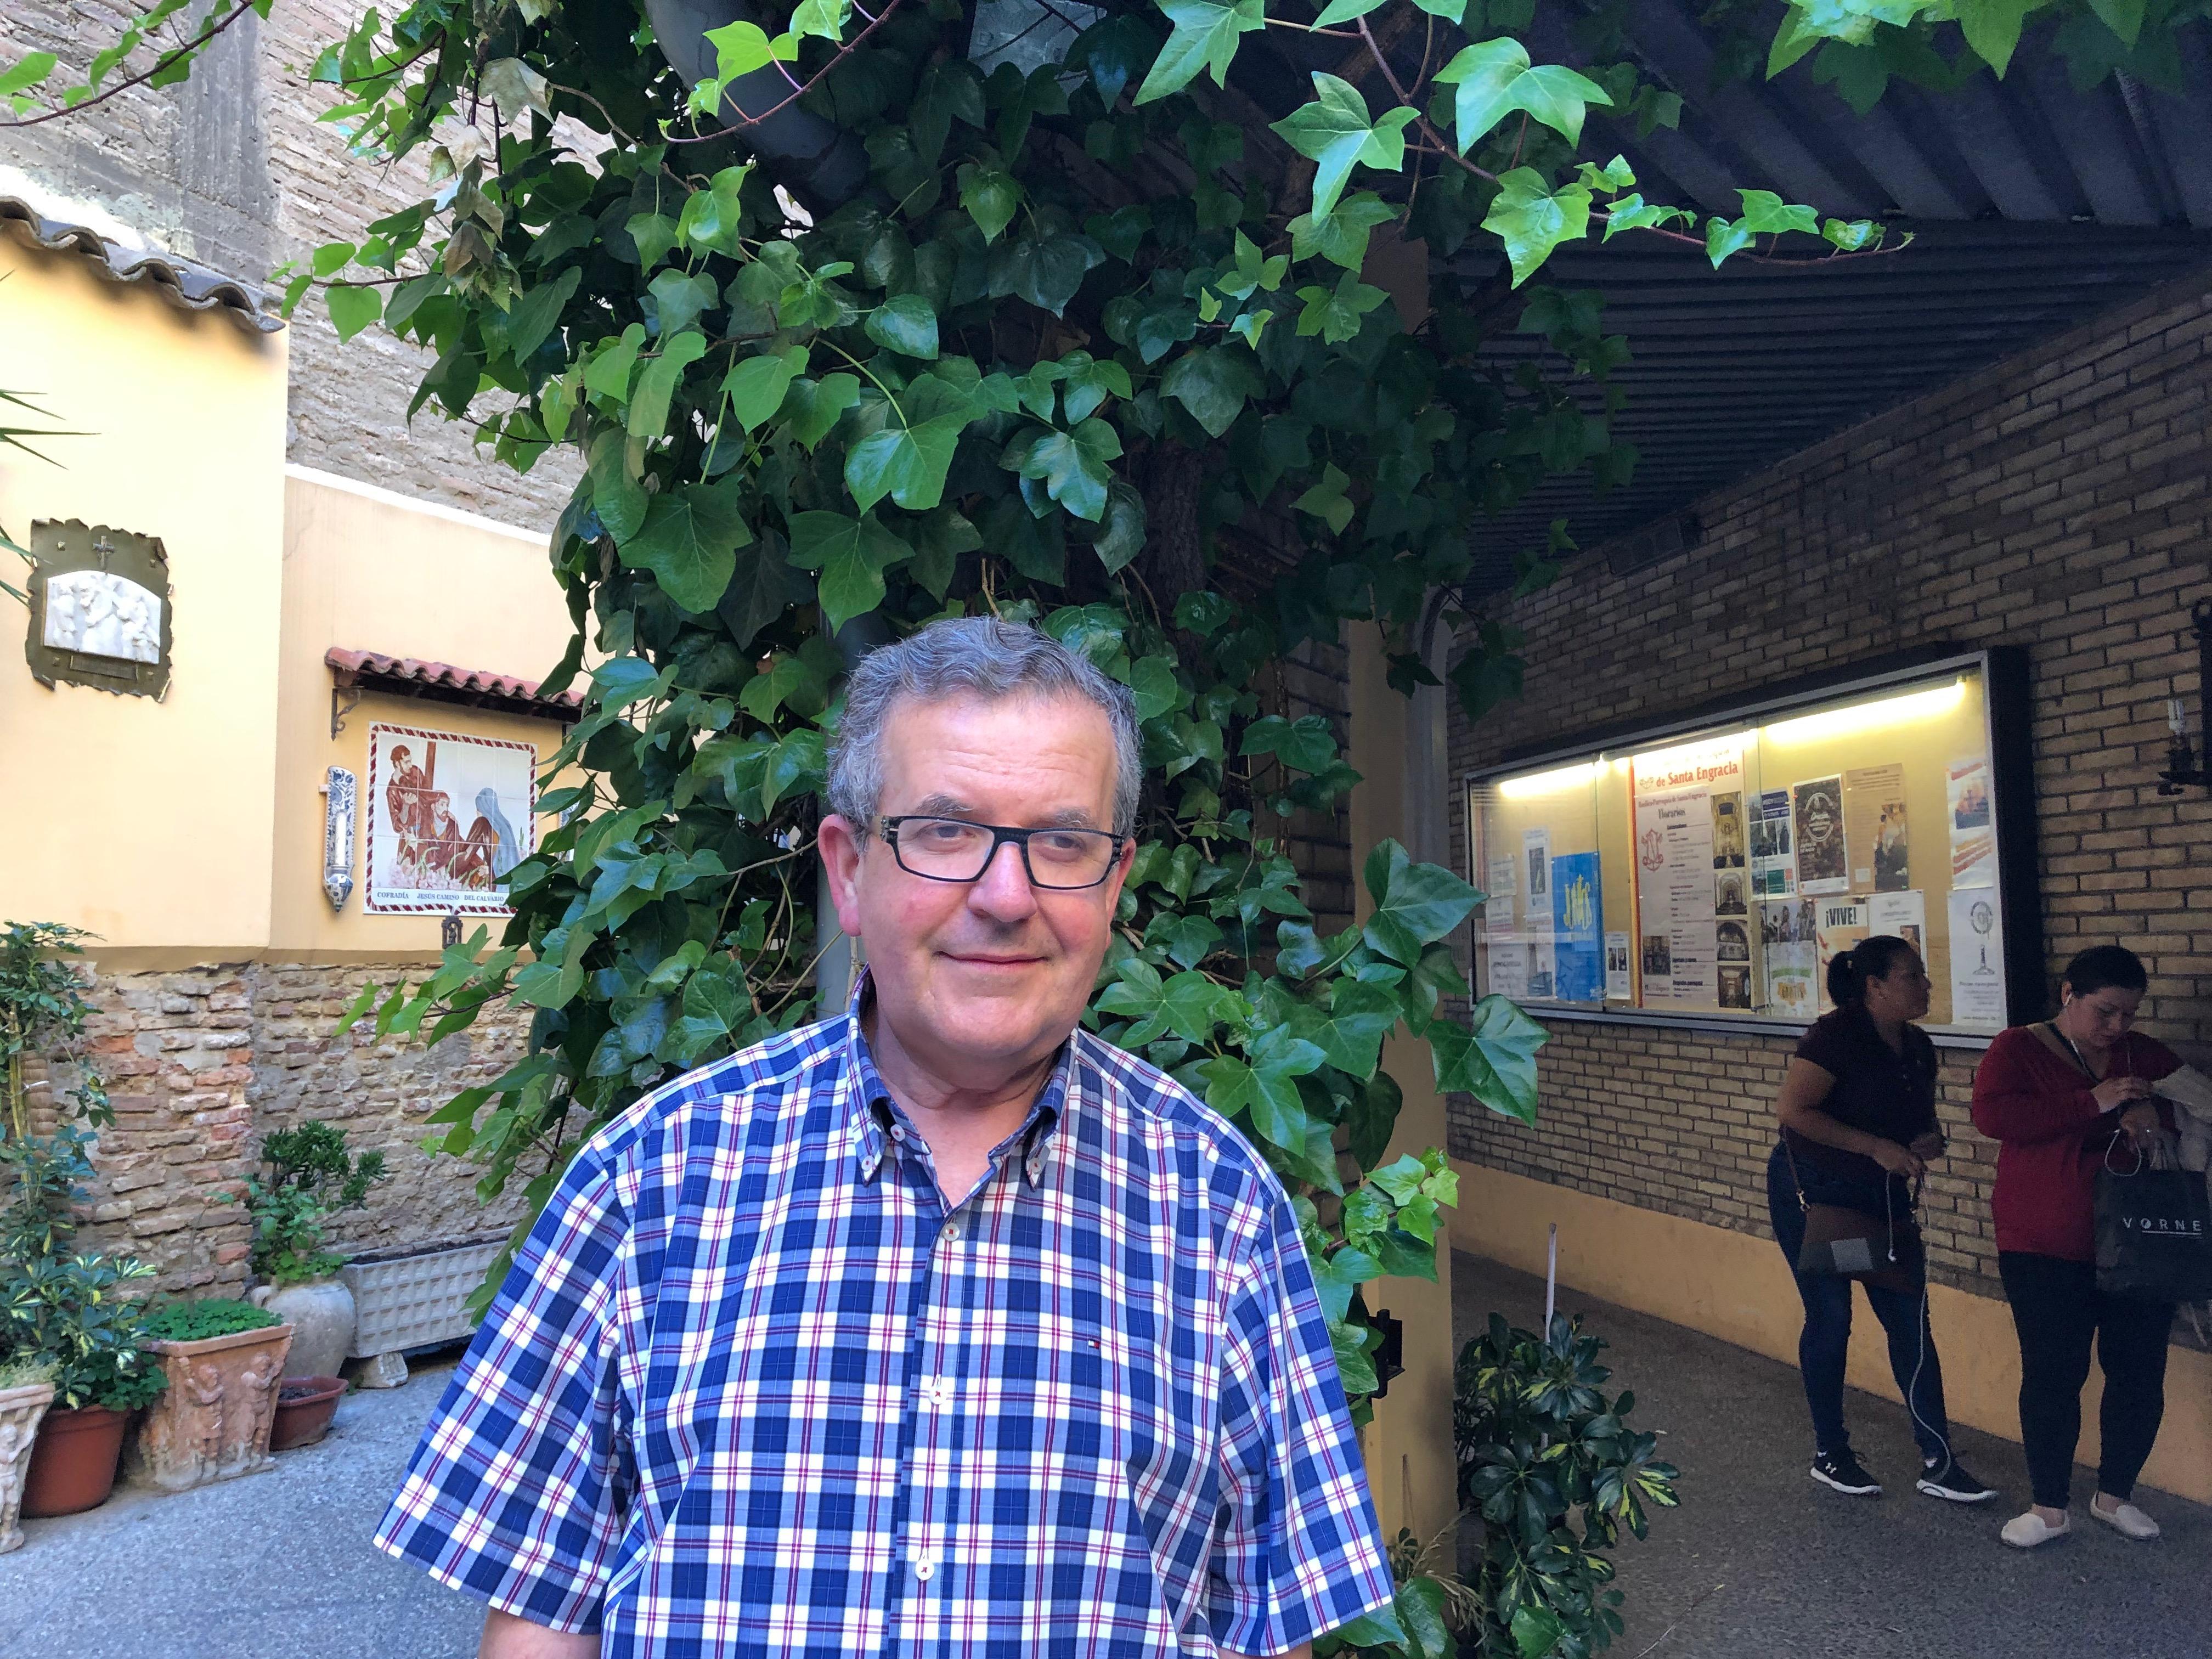 La entrevista: Luis Ramón, encargado de cuidar hasta el último detalle